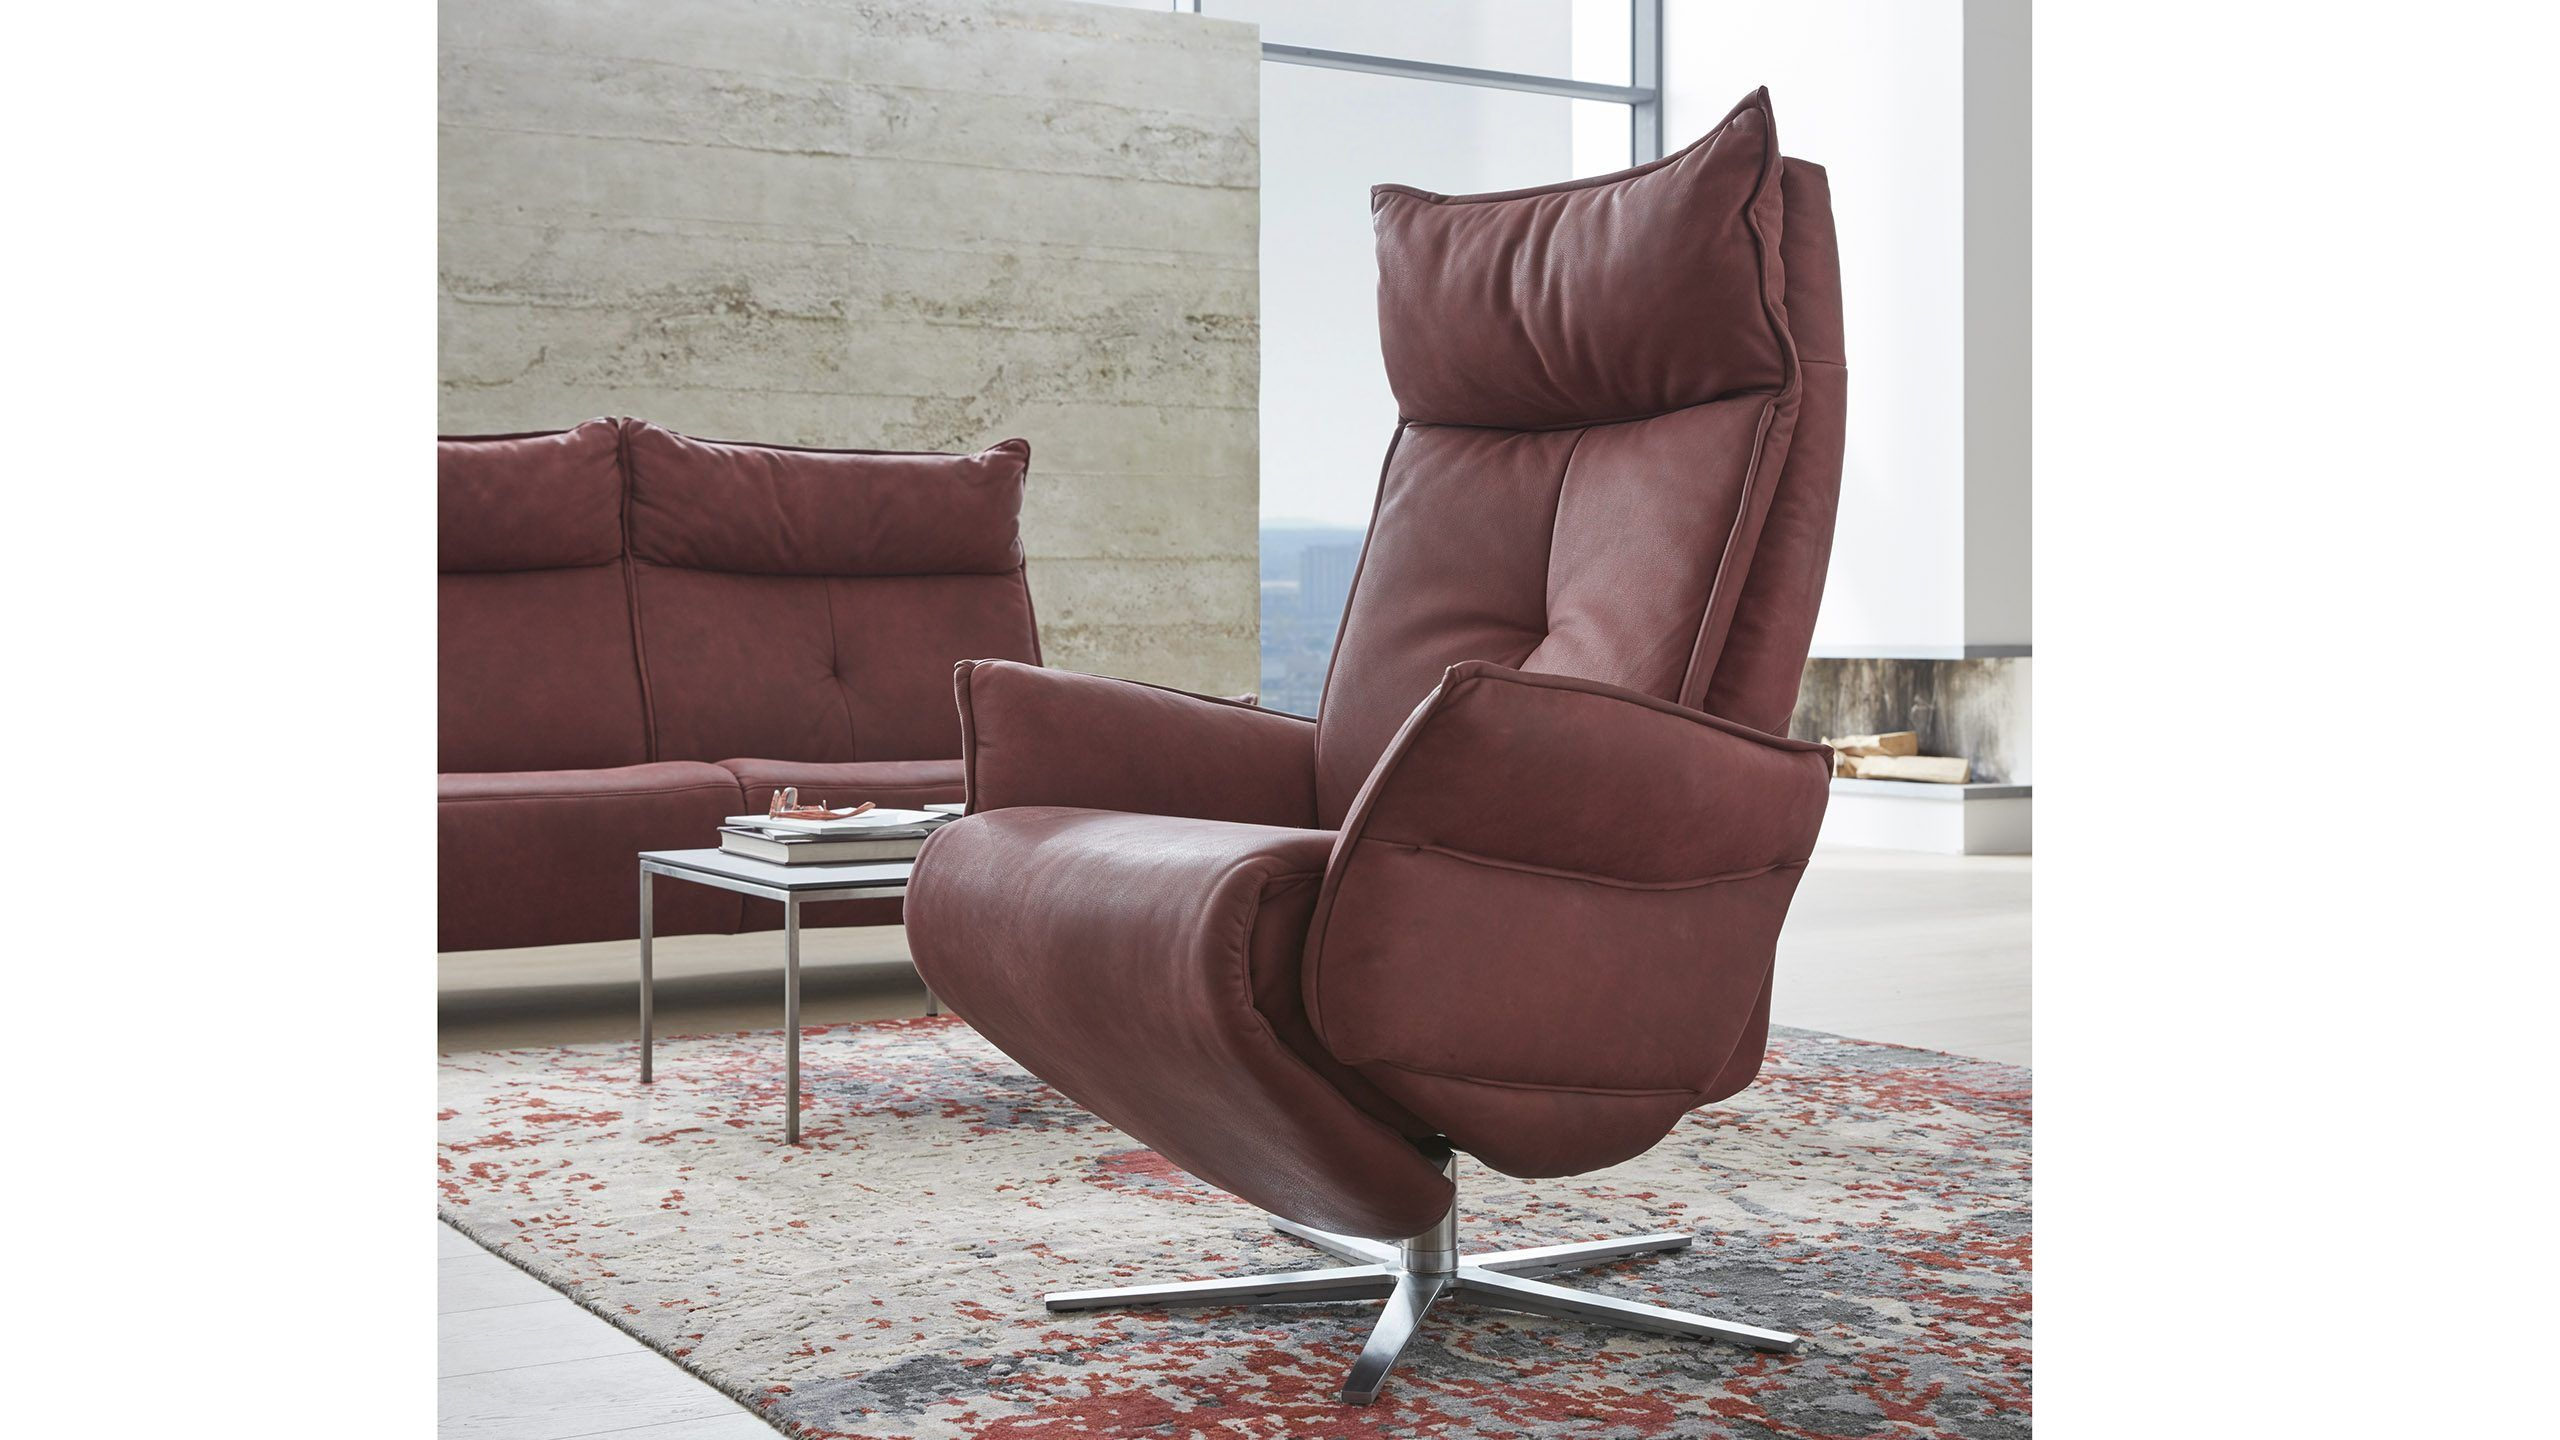 Sessel Serie 4500